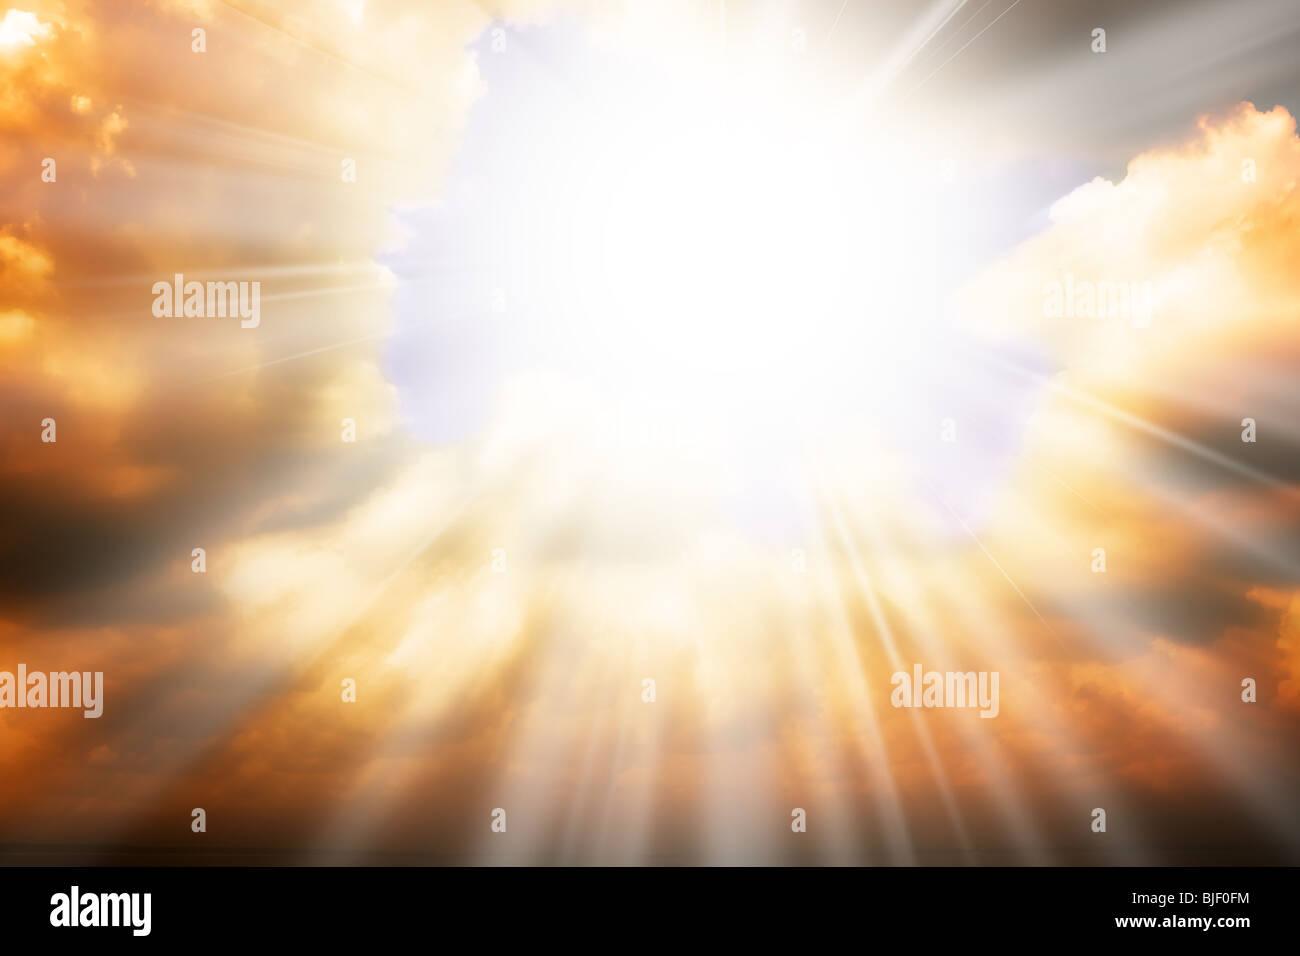 Fond de Ciel Ciel avec la lumière du soleil et nuages Photo Stock